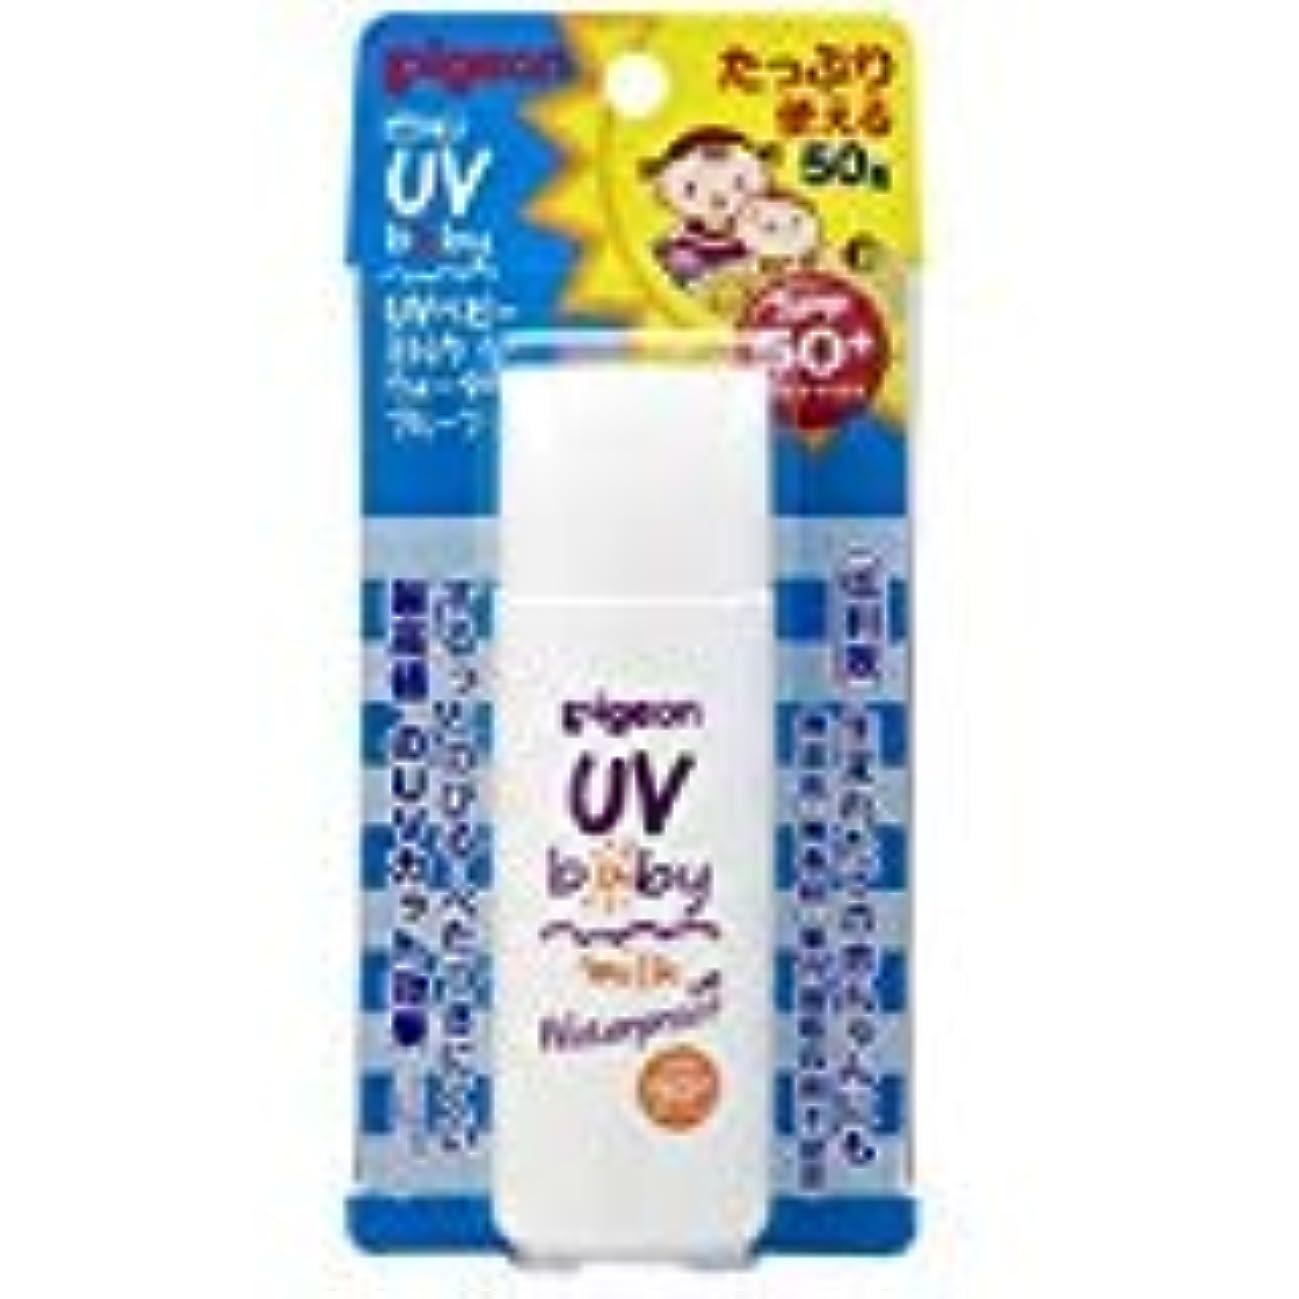 抑圧起訴する掘るピジョン UVベビーミルク ウォータープルーフ SPF50+ 50g